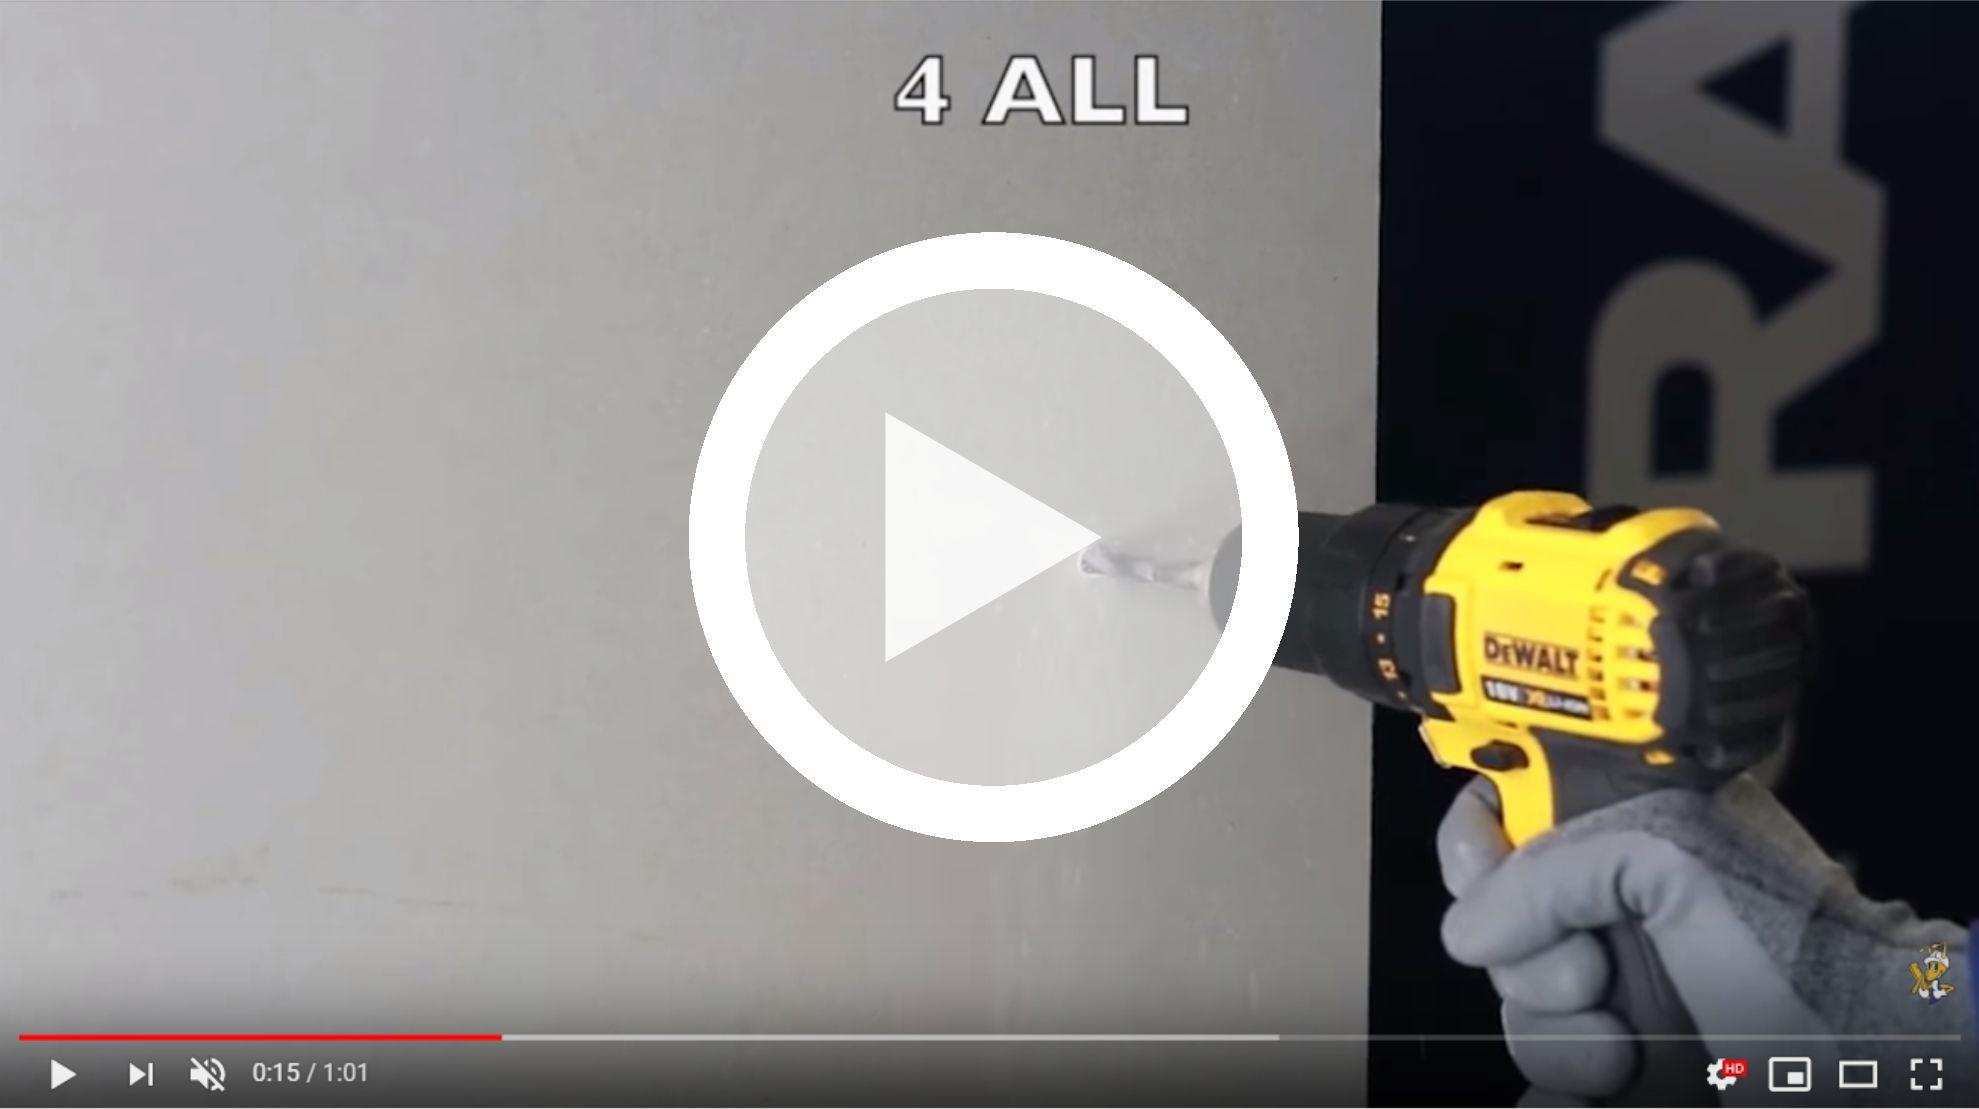 instrukcja-montazu-przy-uzyciu-kolka-uniwersalnego-rawlplug-4all